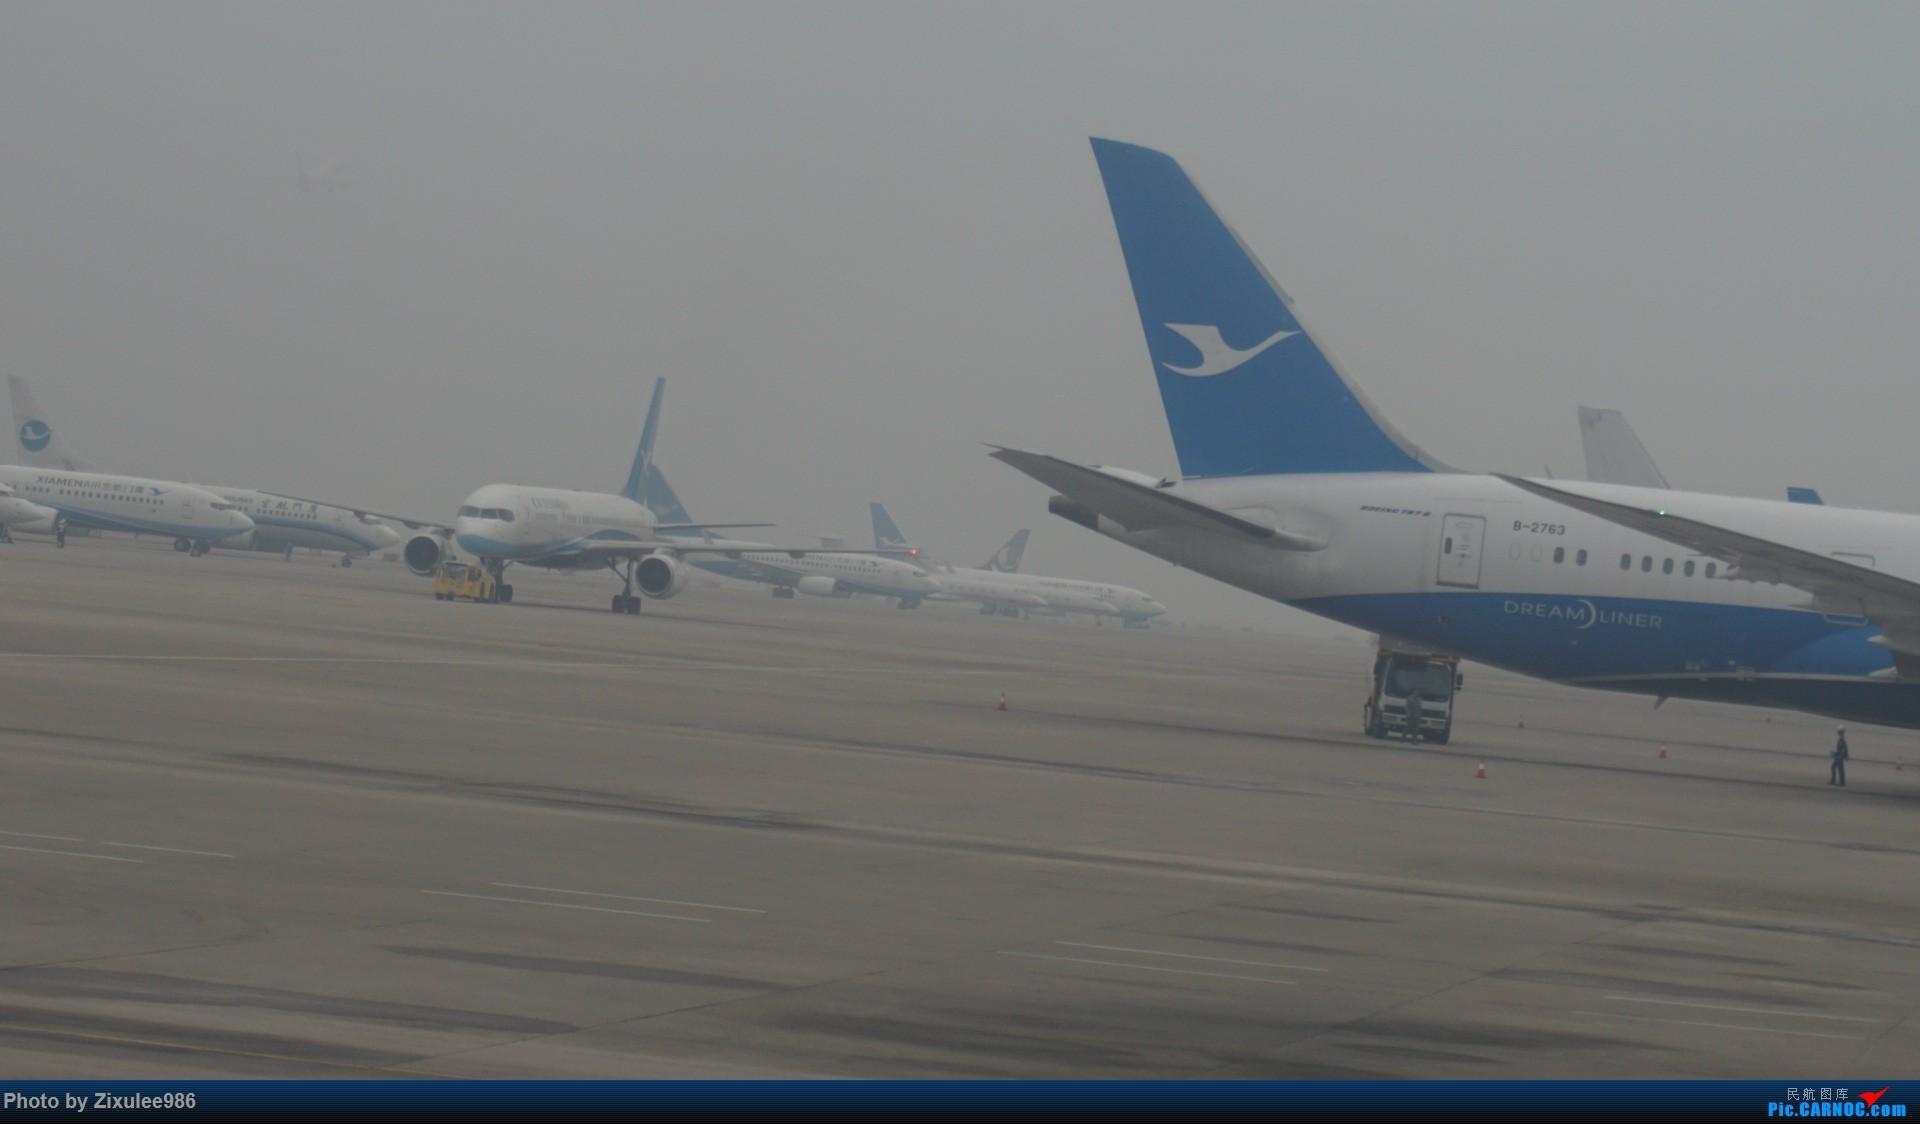 Re:[原创][XMN]寒假东北游随拍--厦航篇~头一次拍752 BOEING 757-200 B-2869 中国厦门高崎国际机场